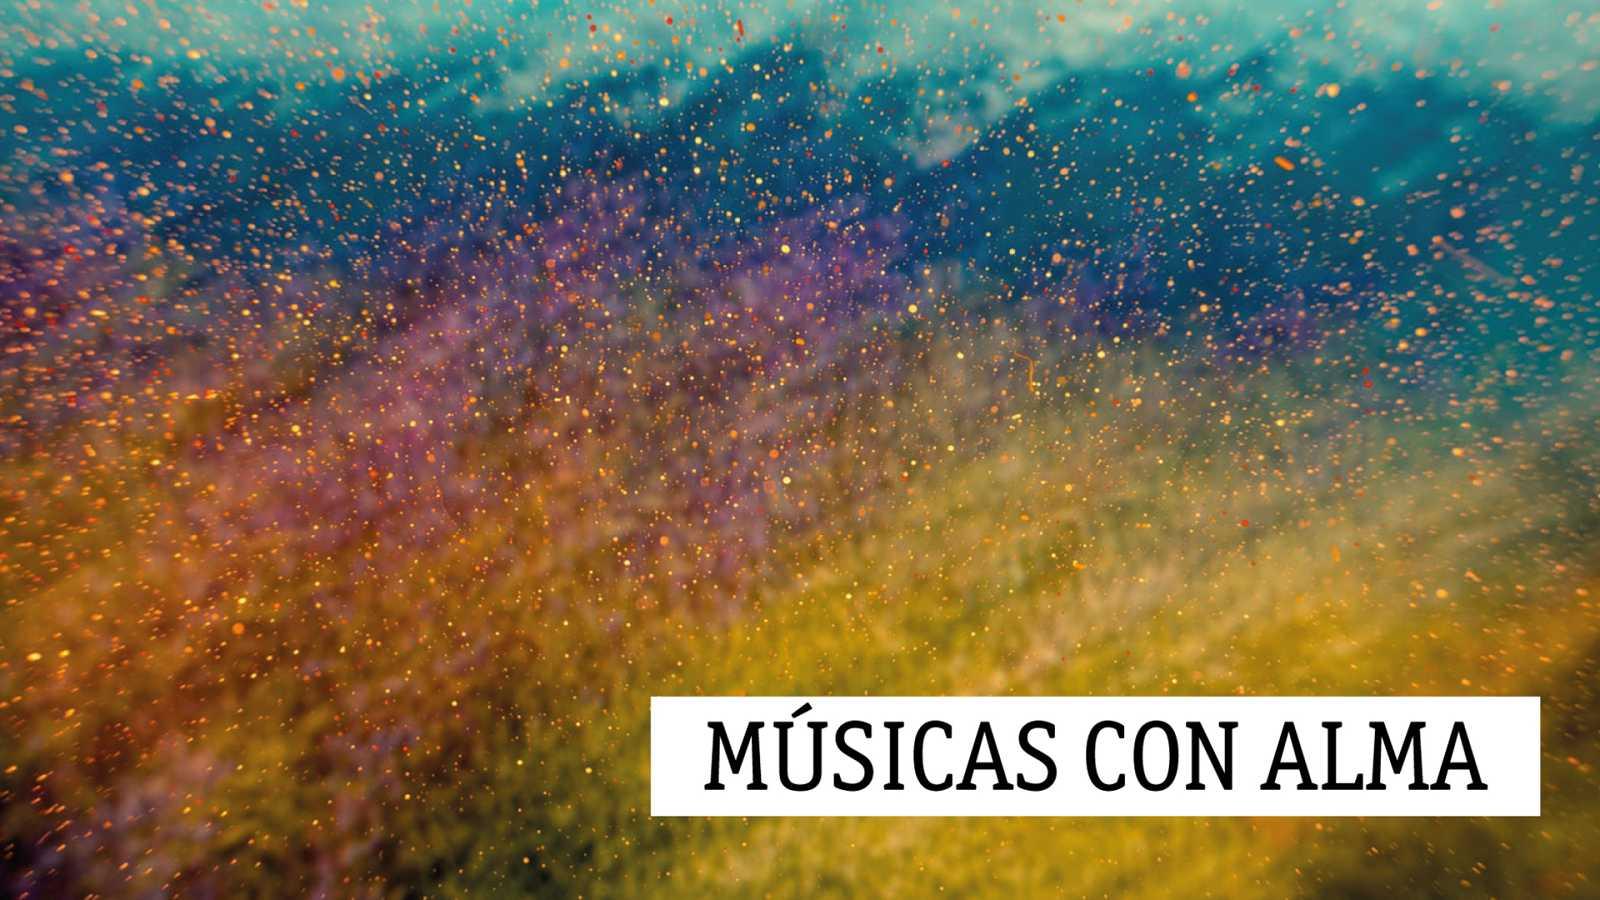 Músicas con alma - Noche de mayo - 03/05/21 - escuchar ahora